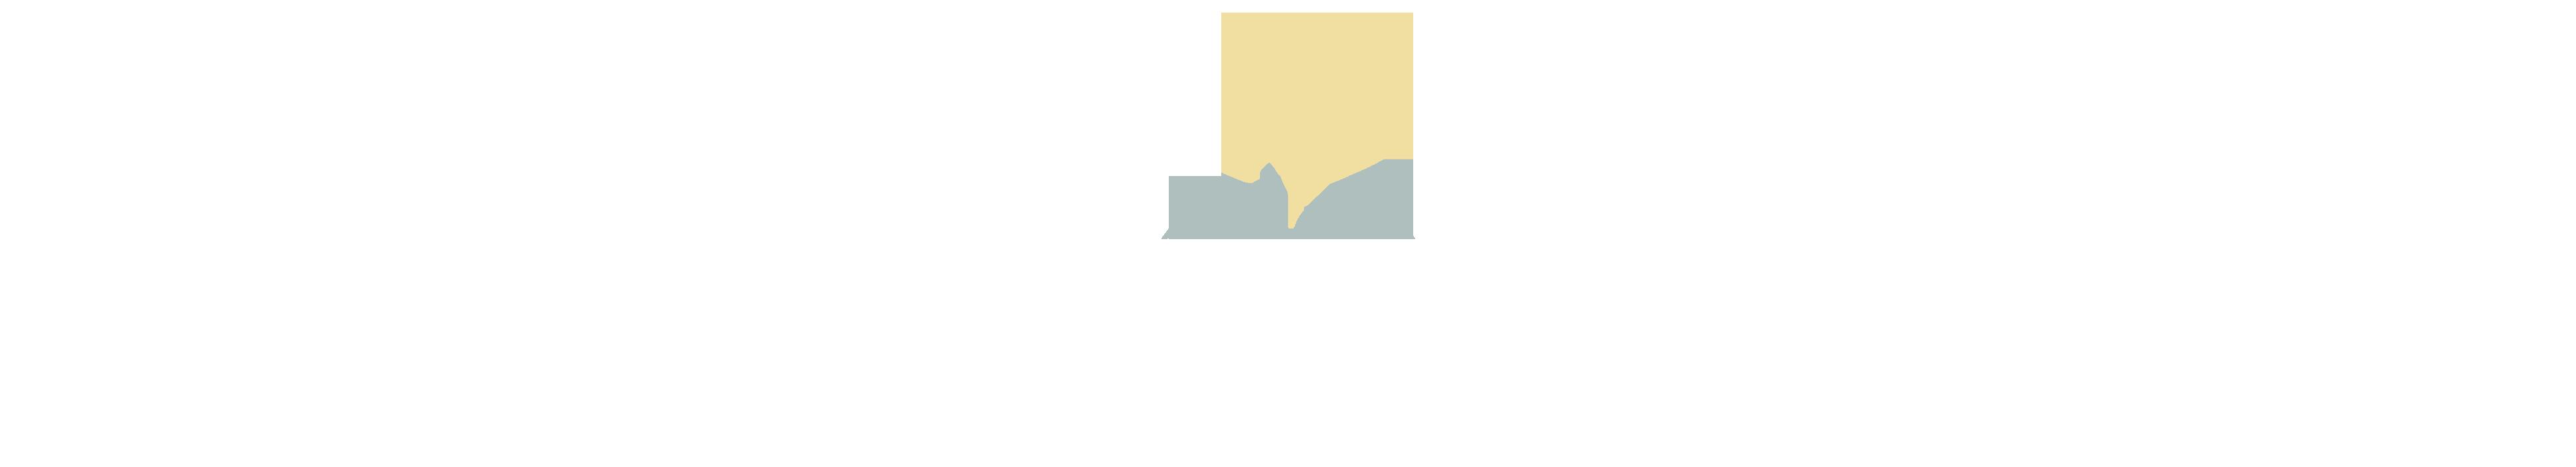 Biserica Adventista Câmpulung Muscel